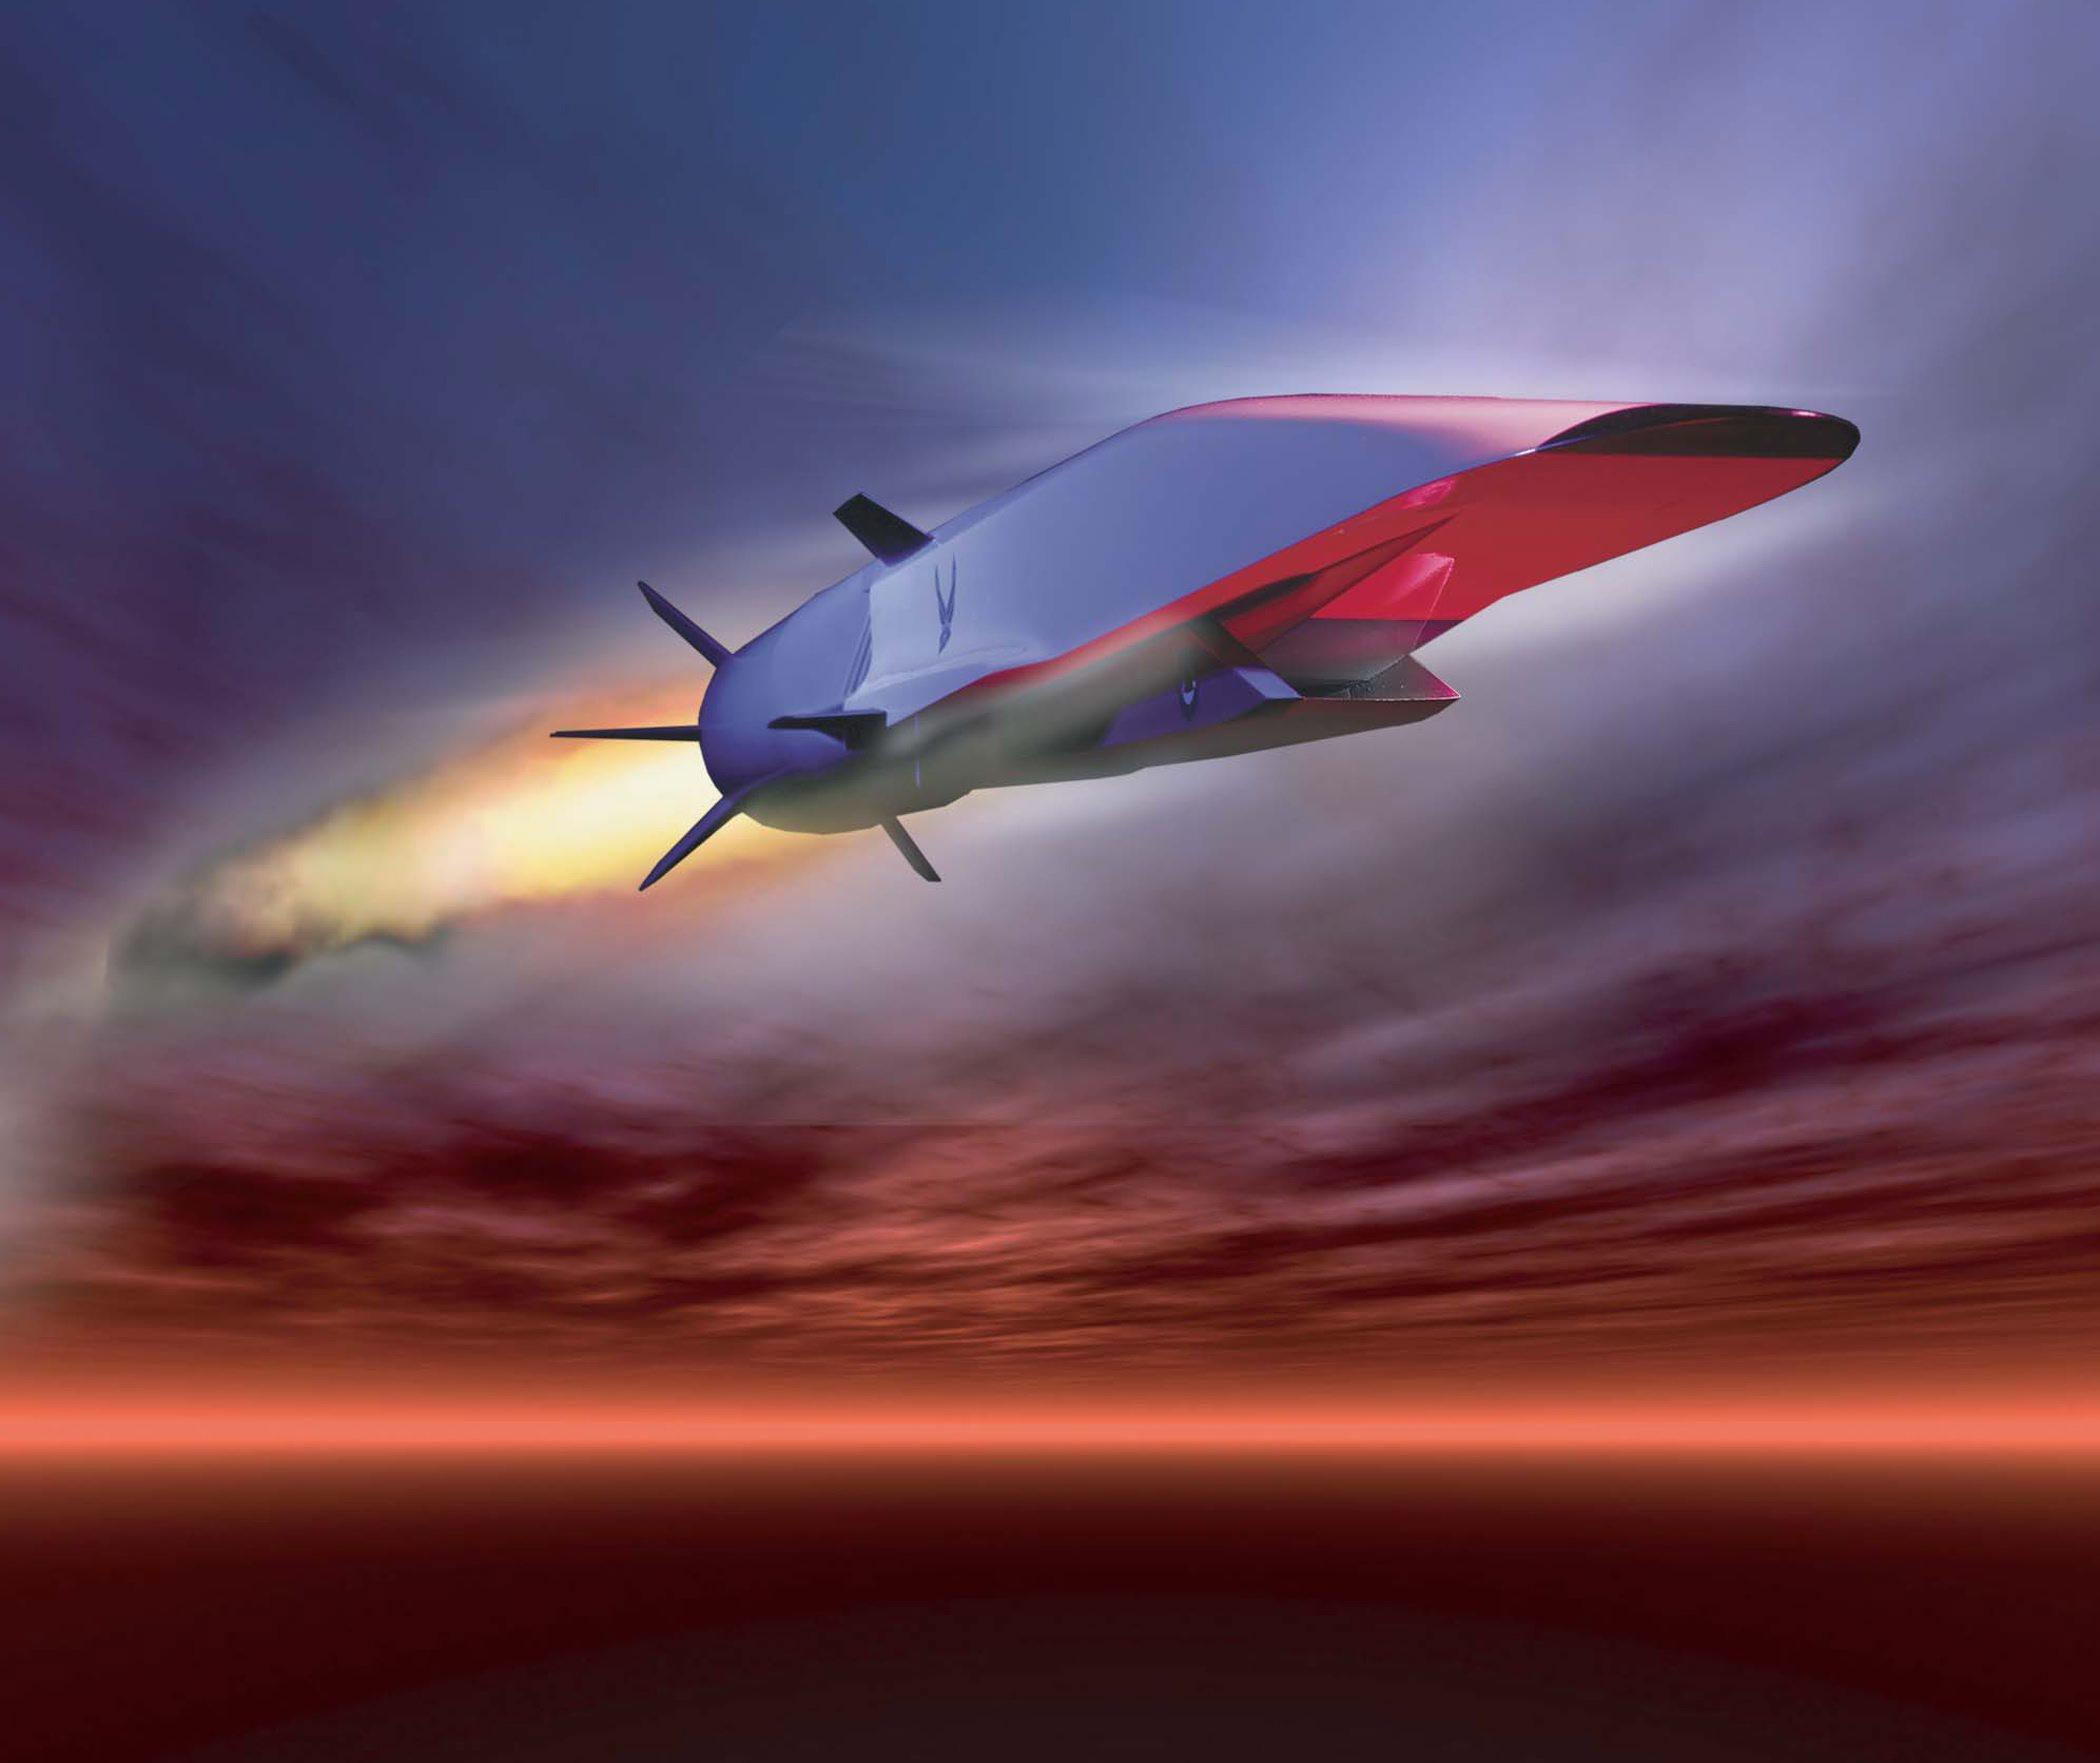 САЩ с хиперзвуков самолет през 2023 г. (снимки)